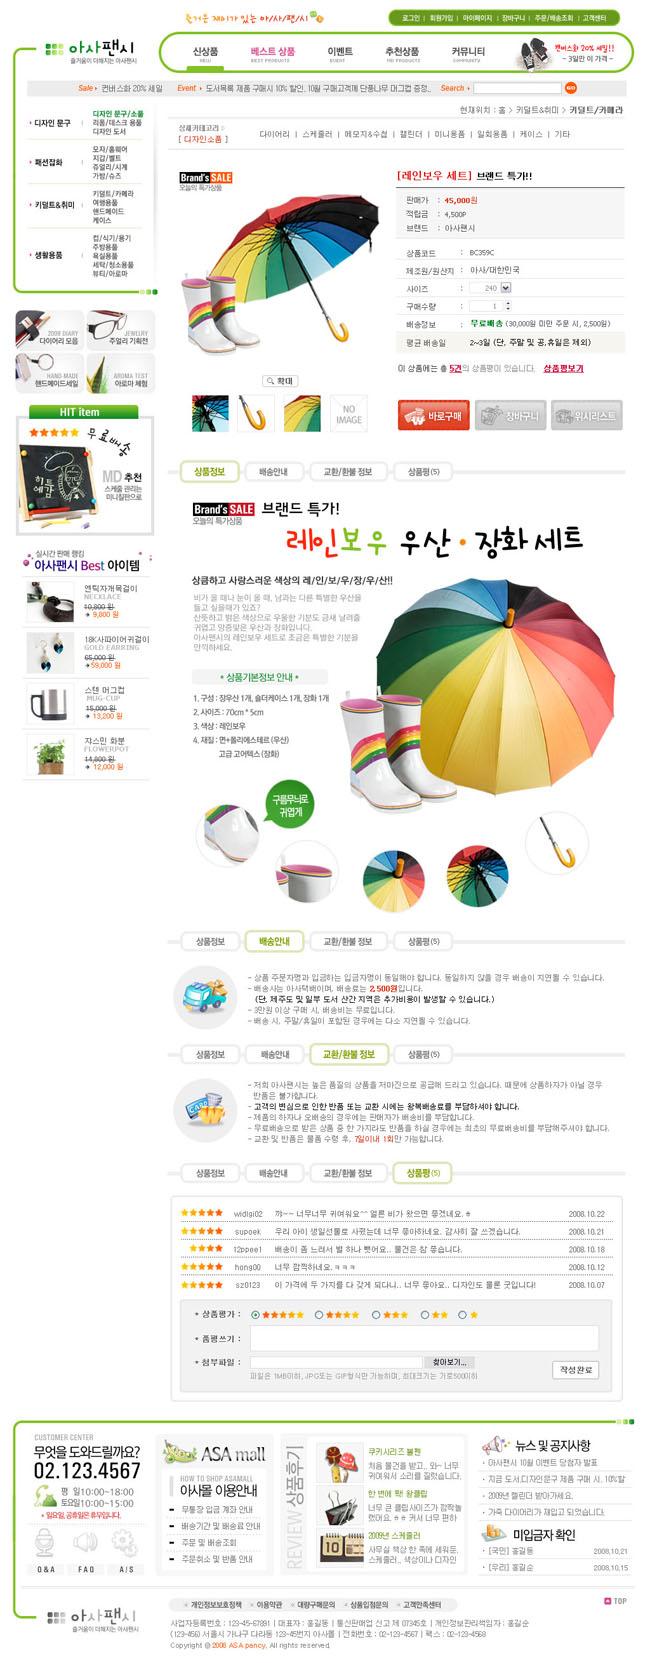 产品展示照片网页设计韩国网页设计模板